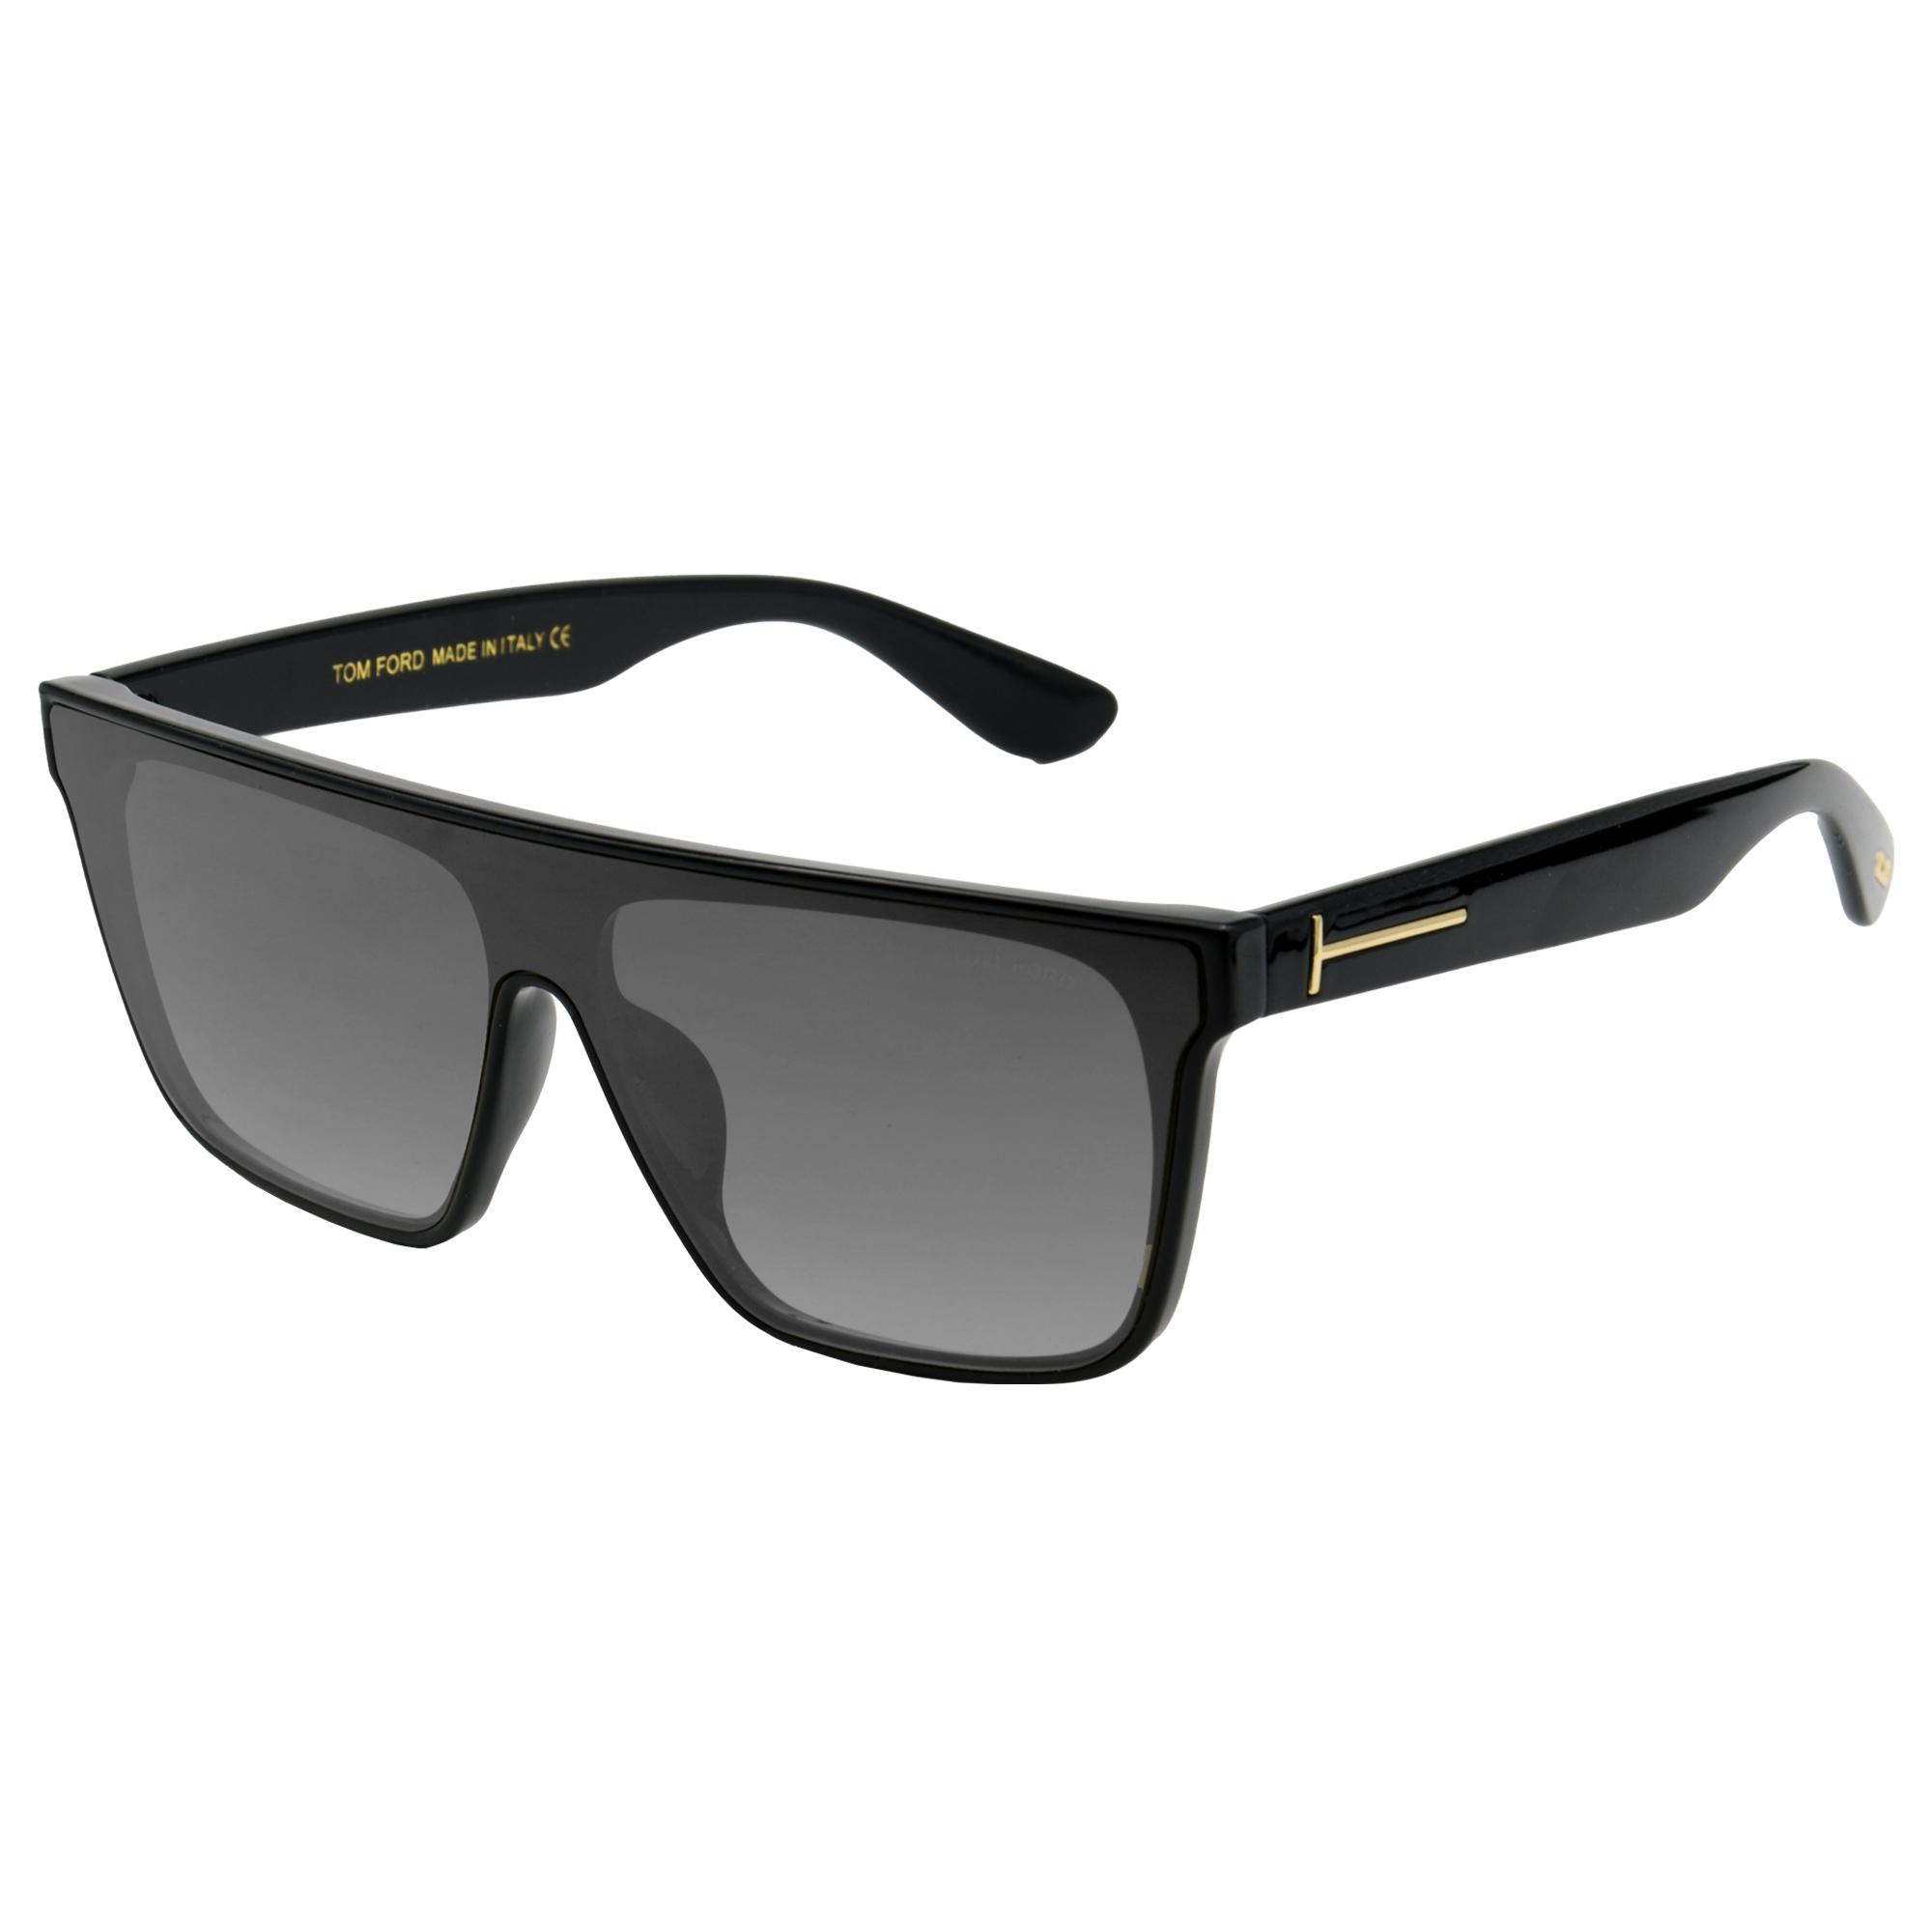 عینک آفتابی تام فورد مدل TF0709